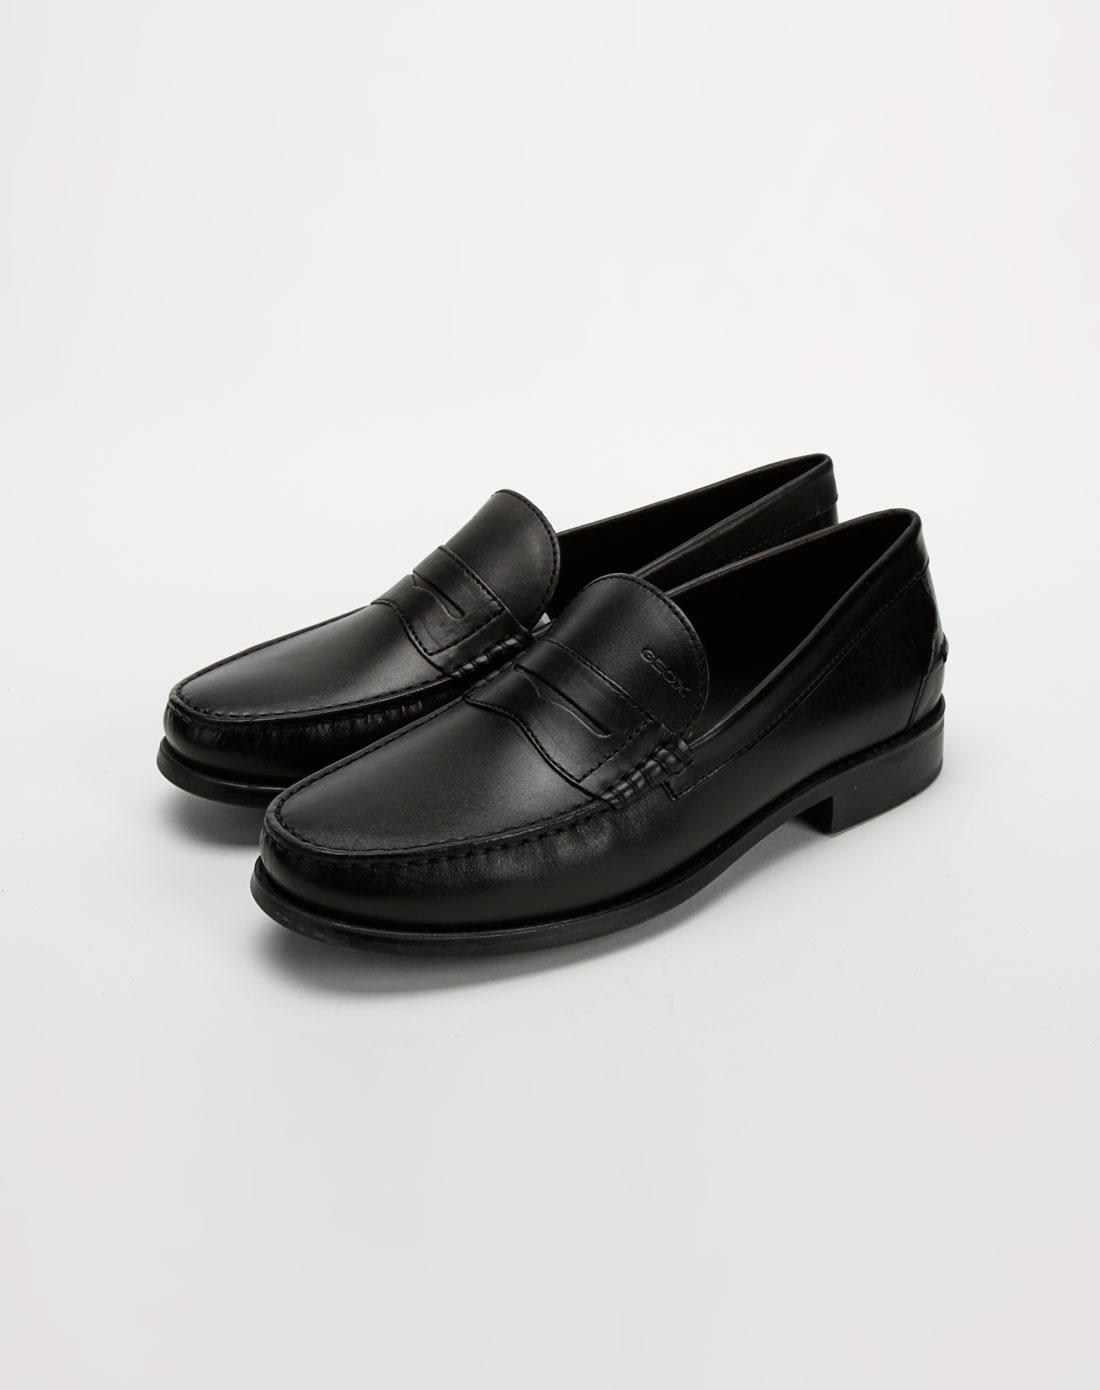 健乐士geox男款黑色牛皮商务休闲皮鞋